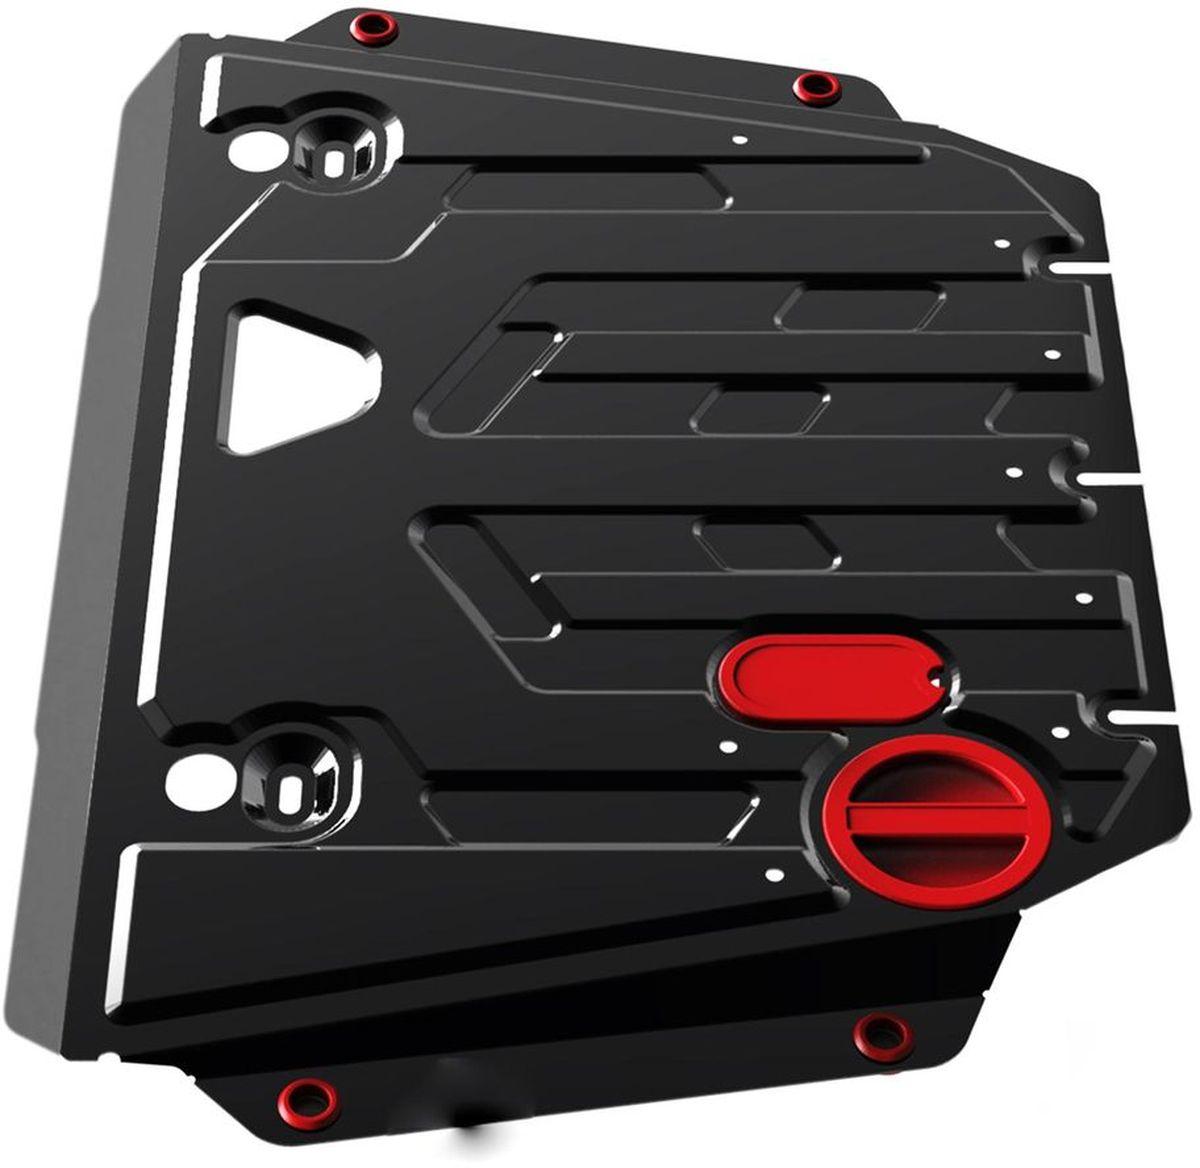 Защита картера Автоброня, для Toyota LC100 V-4,2D; 4,7i,/ Lexus LX 470 V-4,7i (1998-2007)111.05752.1Технологически совершенный продукт за невысокую стоимость. Защита разработана с учетом особенностей днища автомобиля, что позволяет сохранить дорожный просвет с минимальным изменением. Защита устанавливается в штатные места кузова автомобиля. Глубокий штамп обеспечивает до двух раз больше жесткости в сравнении с обычной защитой той же толщины. Проштампованные ребра жесткости препятствуют деформации защиты при ударах. Тепловой зазор и вентиляционные отверстия обеспечивают сохранение температурного режима двигателя в норме. Скрытый крепеж предотвращает срыв крепежных элементов при наезде на препятствие. Шумопоглощающие резиновые элементы обеспечивают комфортную езду без вибраций и скрежета металла, а съемные лючки для слива масла и замены фильтра - экономию средств и время. Конструкция изделия не влияет на пассивную безопасность автомобиля (при ударе защита не воздействует на деформационные зоны кузова). Со штатным крепежом. В комплекте инструкция по установке....